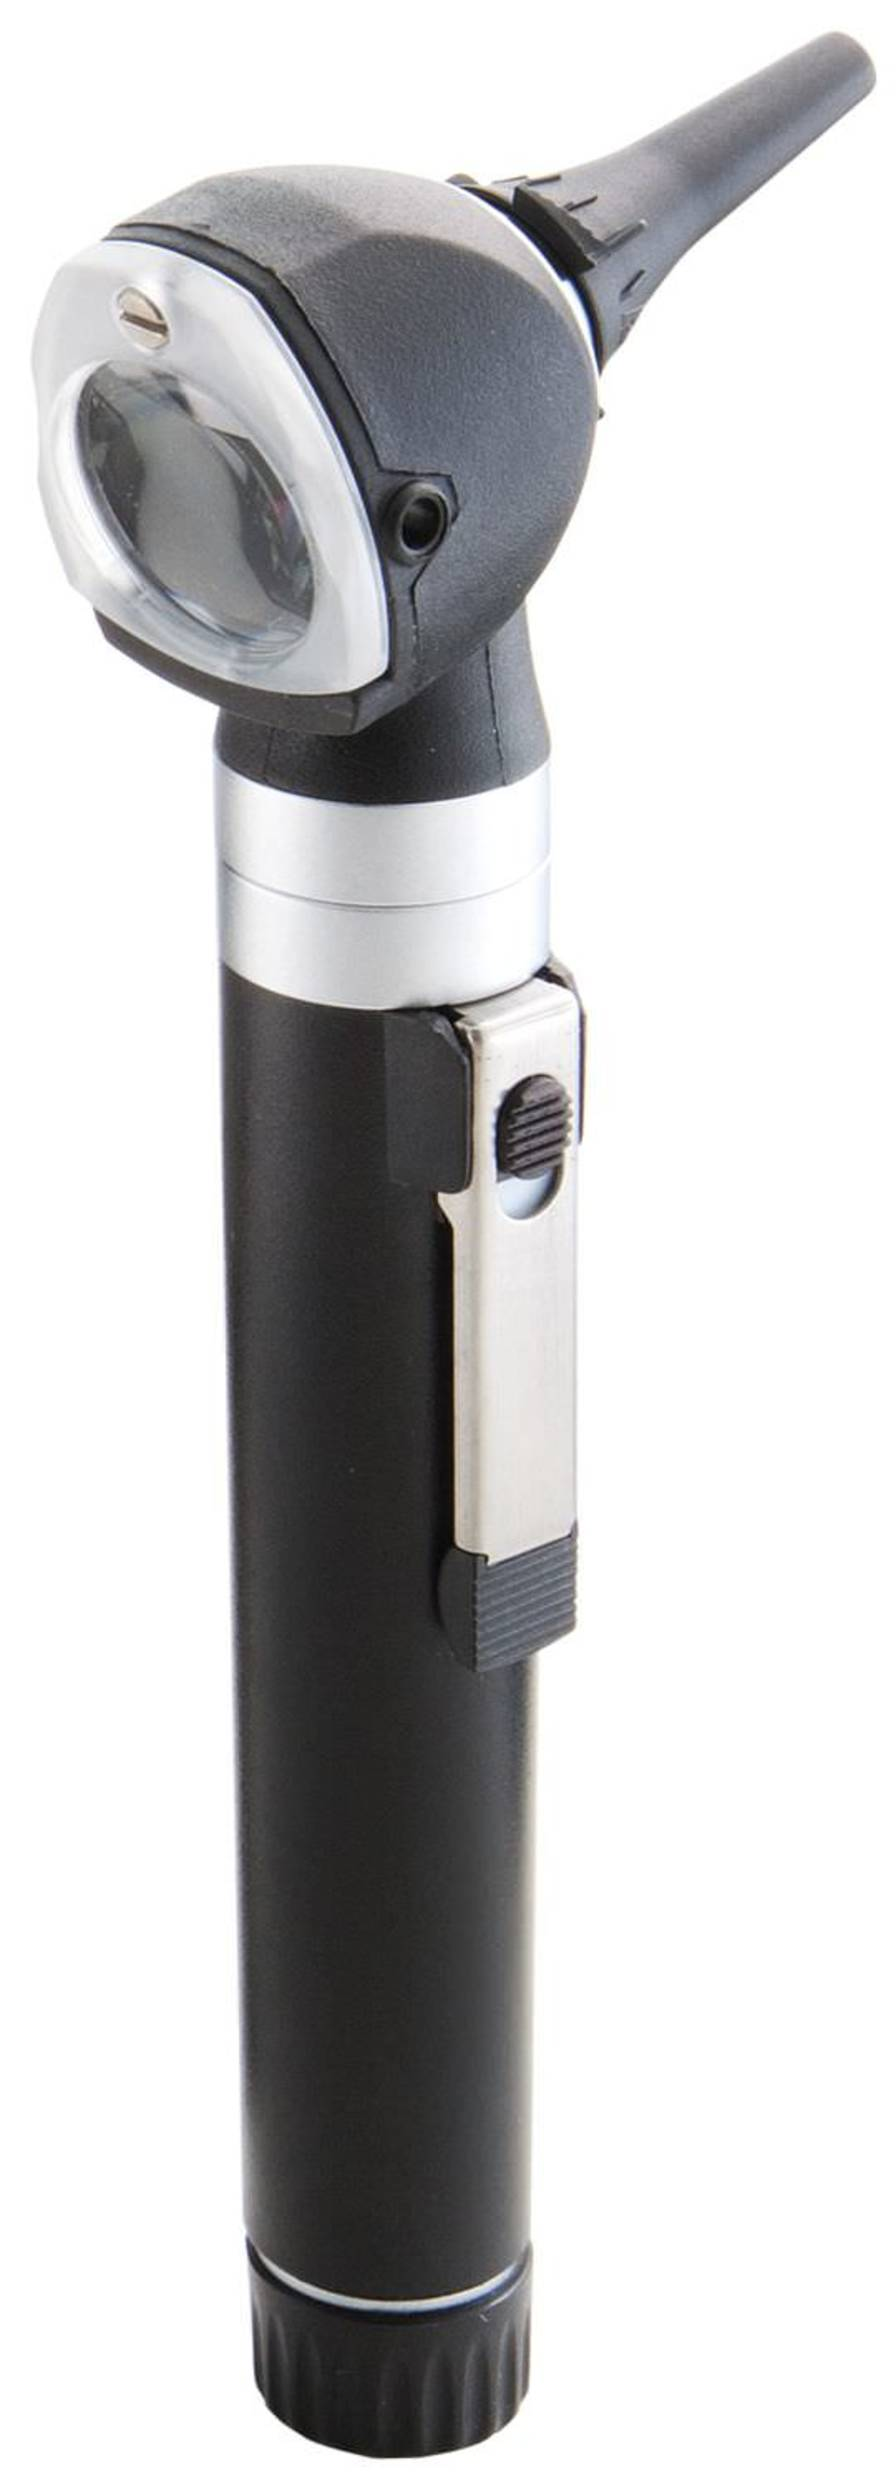 Otoscope endoscope / with speculum / rigid 2.5 x | Diagnostix™ 5111N American Diagnostic